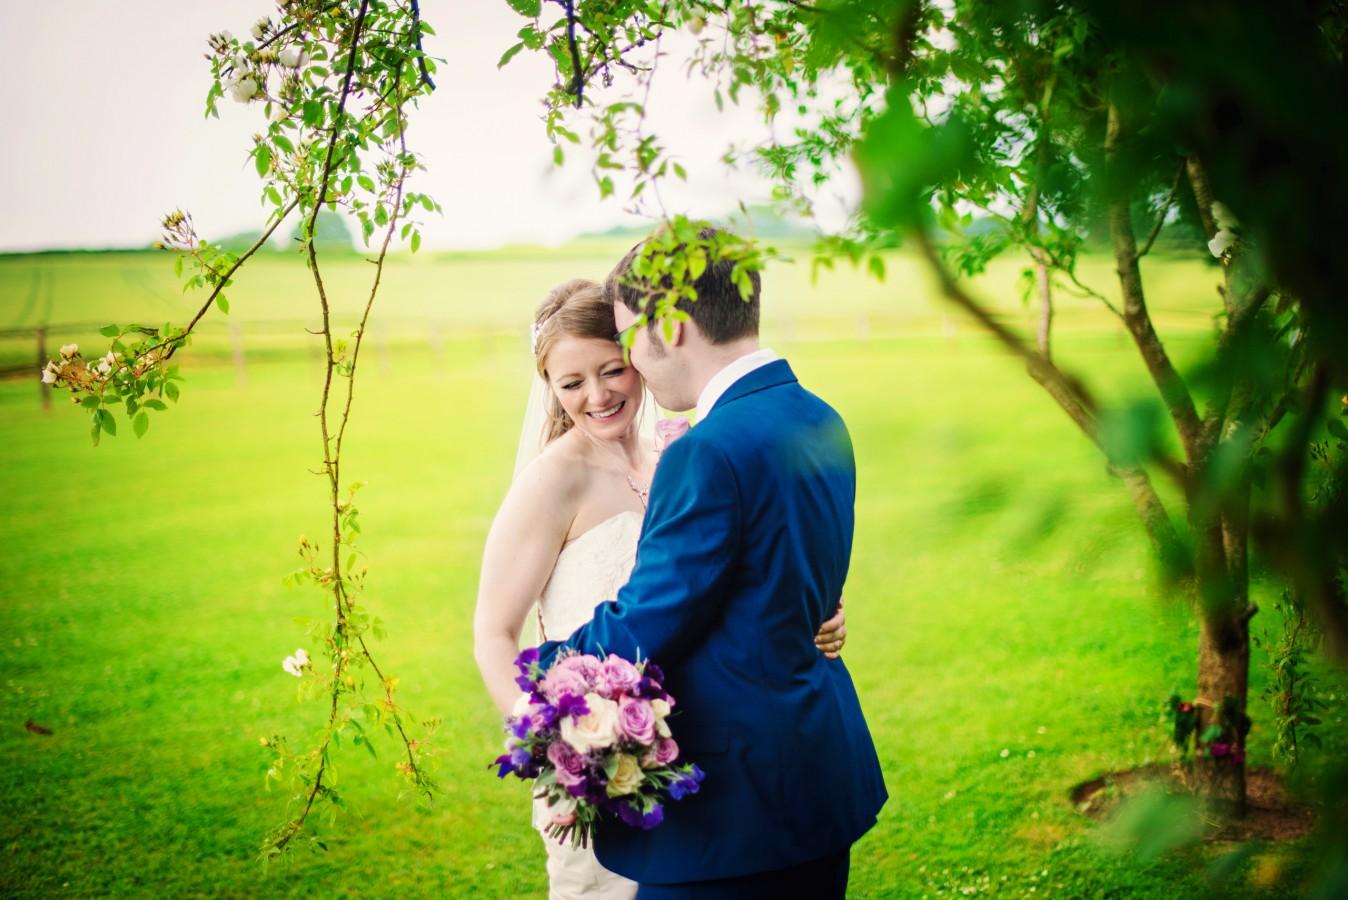 Hampshire Wedding Photographer - GK Photography-125